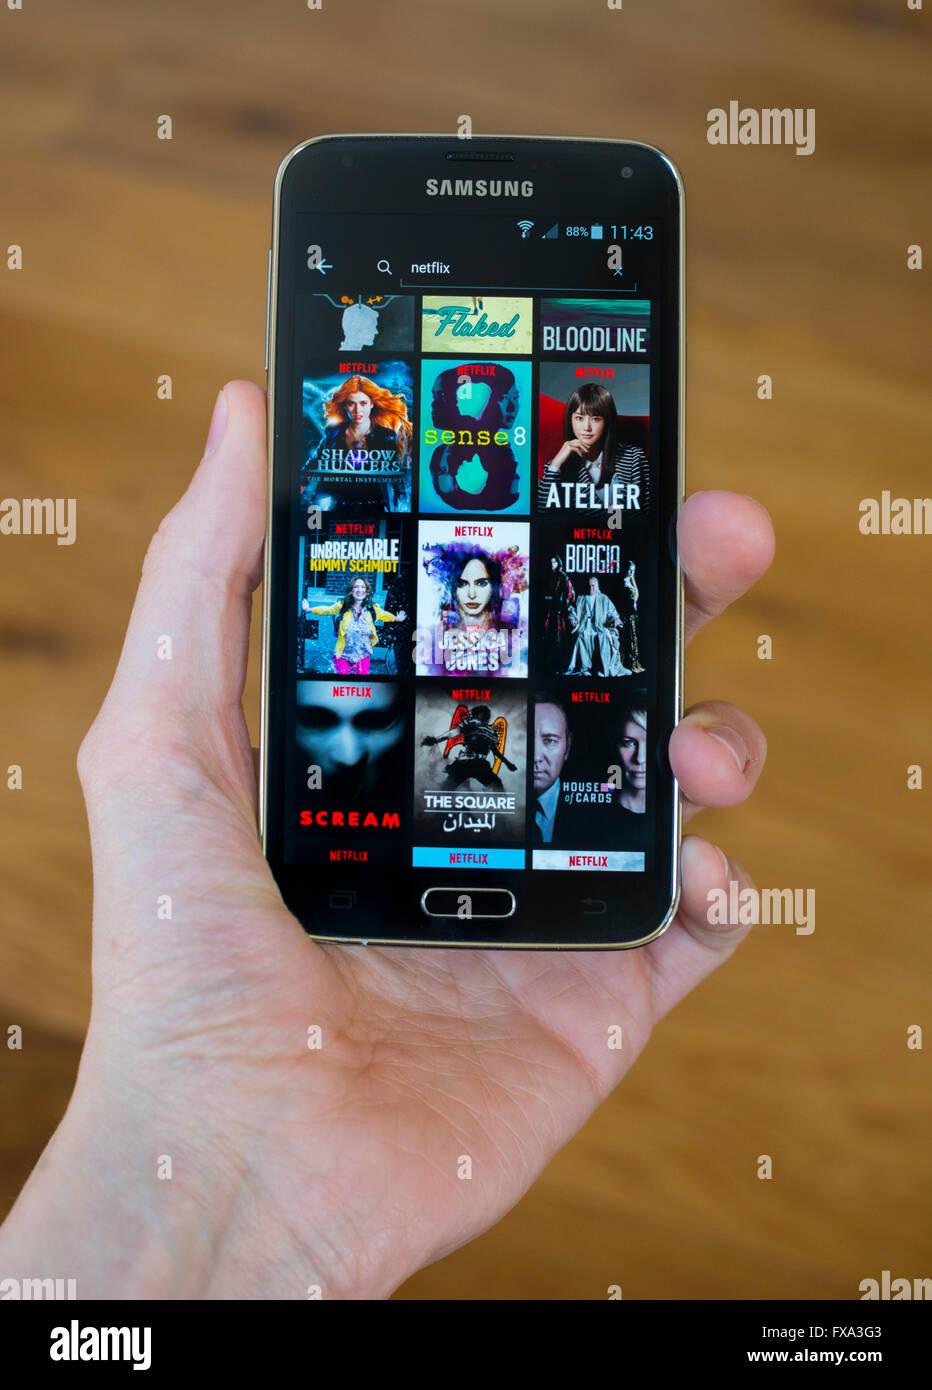 Eine Hand hält eine Samsung-Handy mit der Netlfix app öffnen, zeigt die ursprüngliche Netflix Inhalt. Stockbild